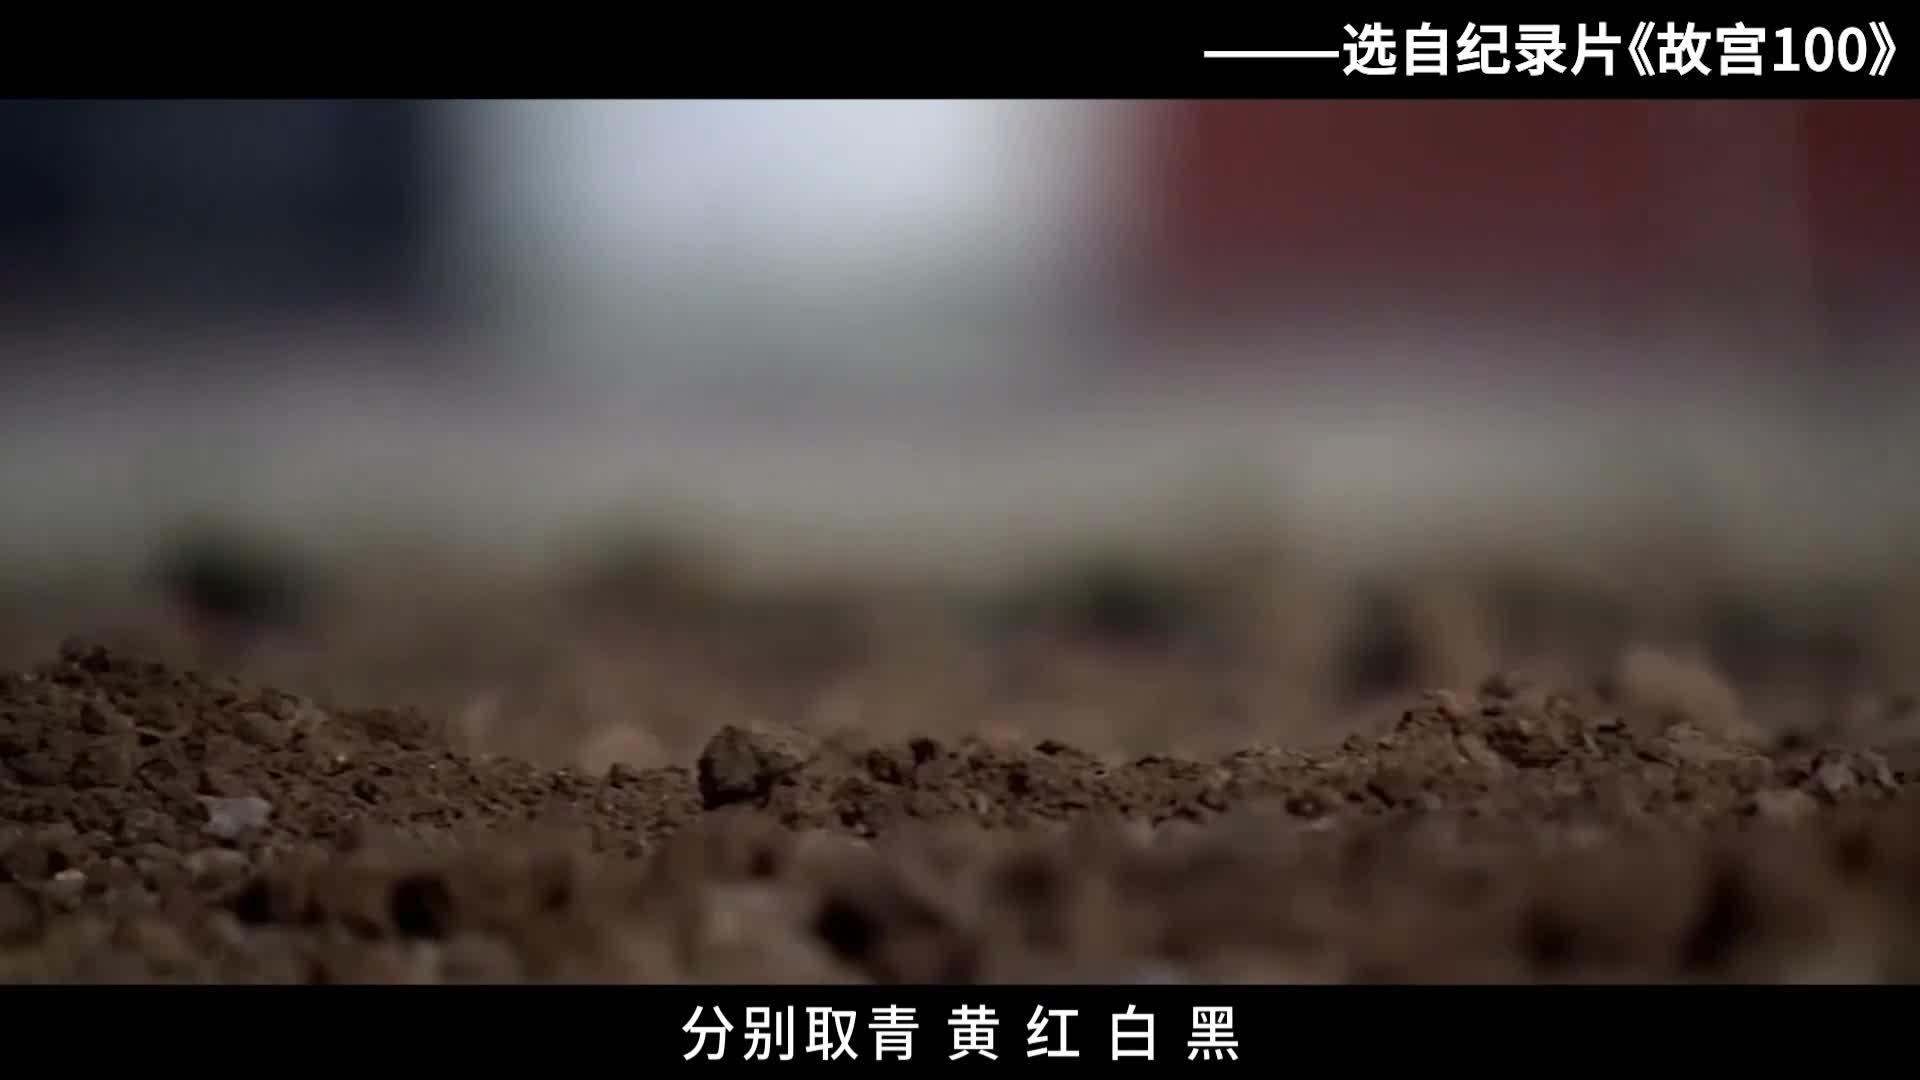 《科学嘻游记》 第40集 土壤由什么组成